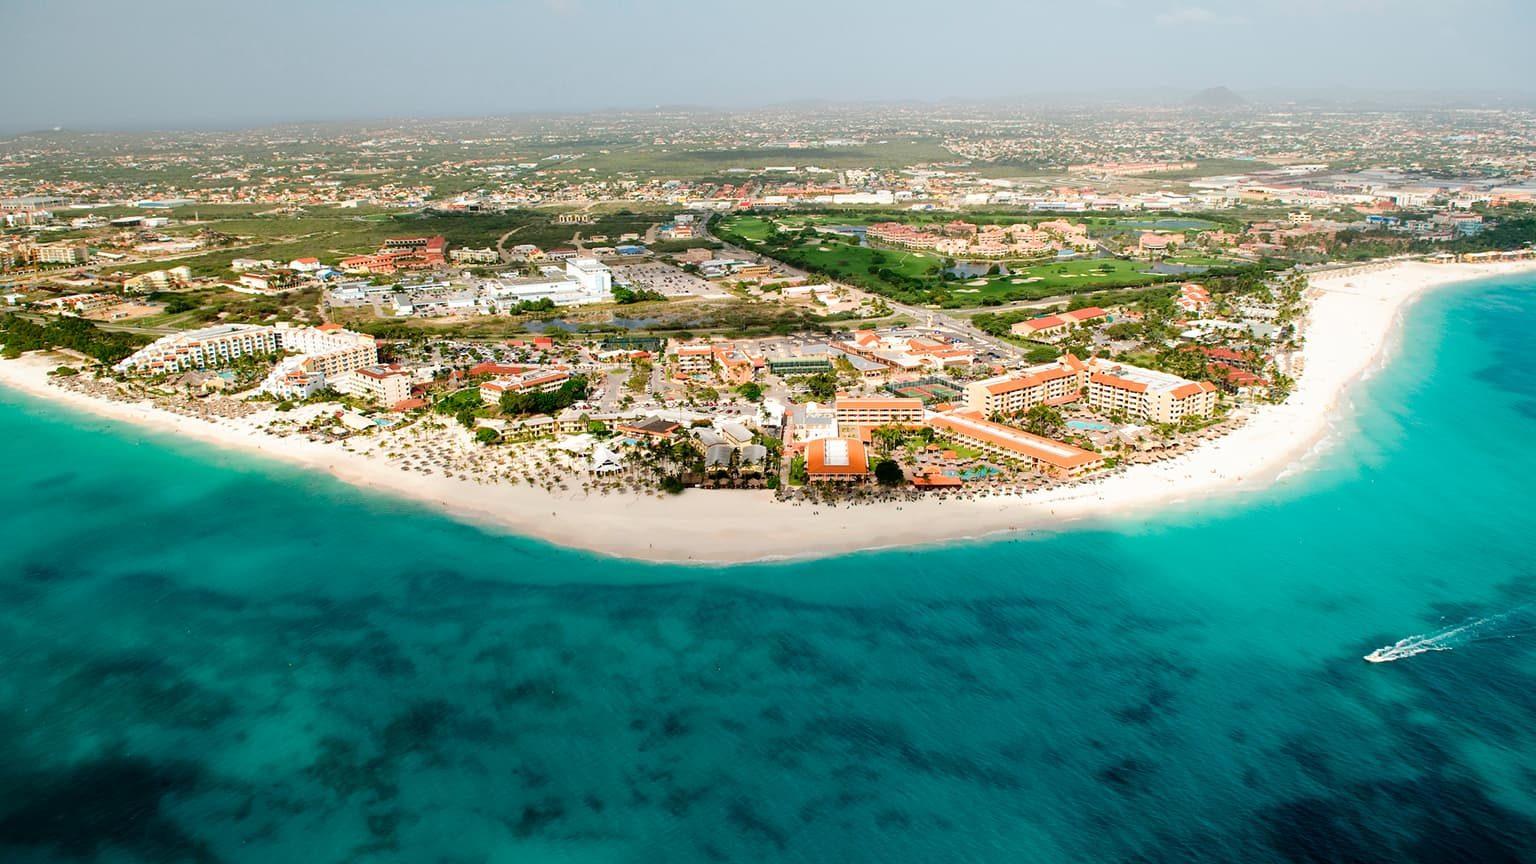 Aerial view of Aruba, Lesser Antilles